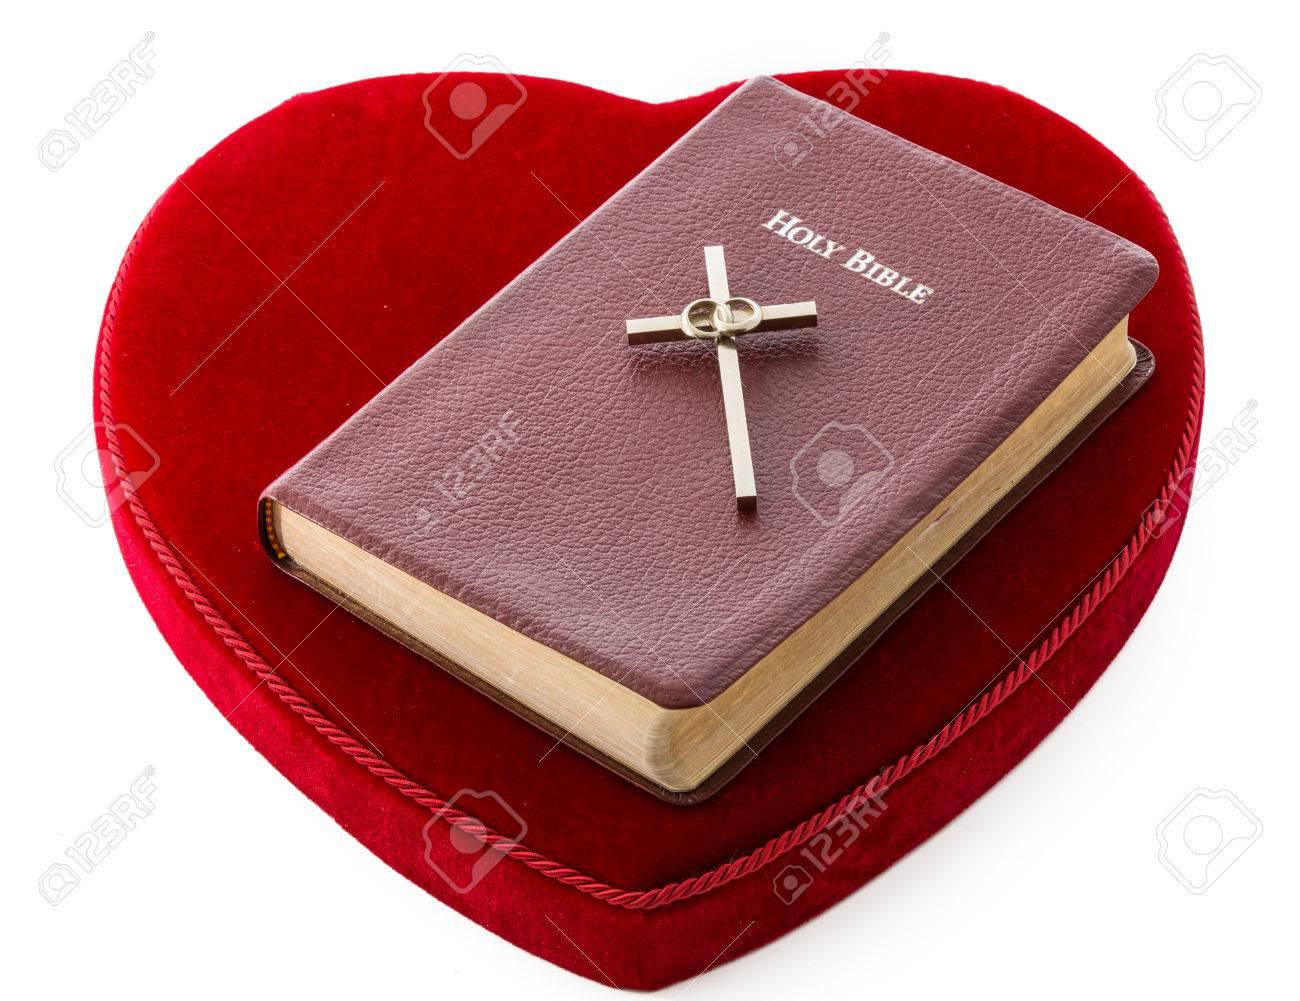 Matrimonio Eterno Biblia : Biblia sobre un corazón rojo del amor por la palabra de dios y la